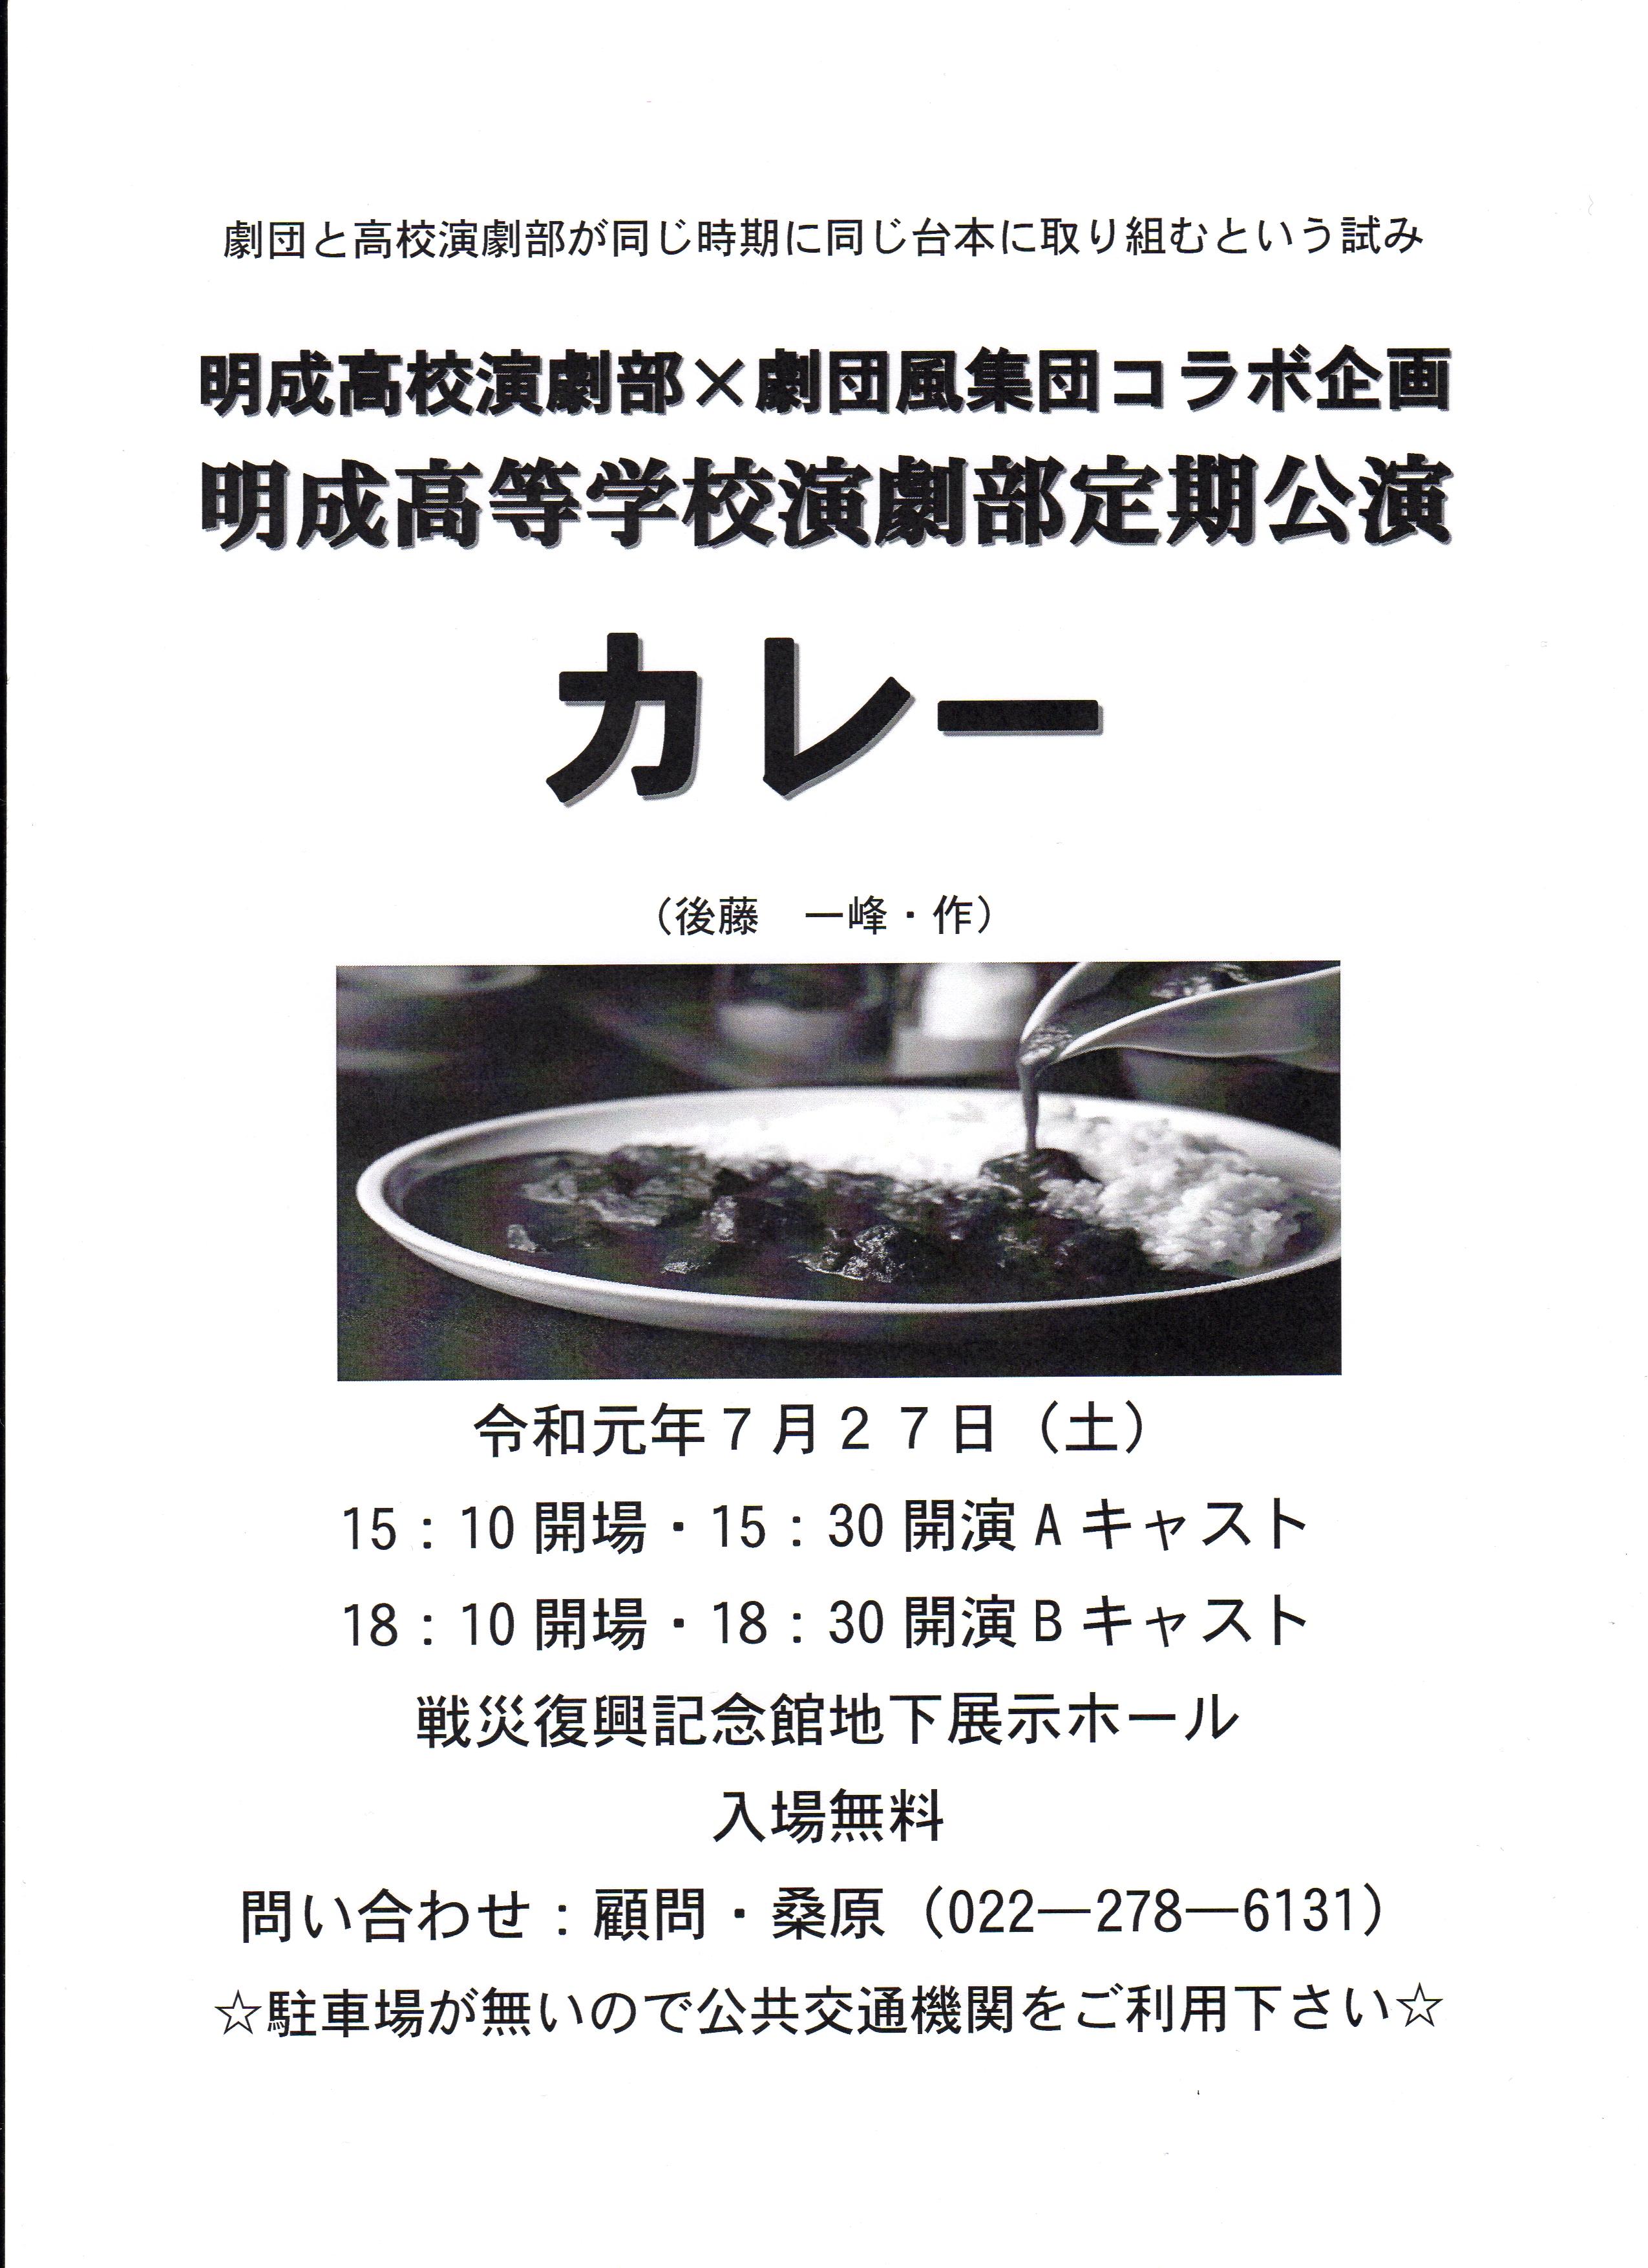 7/27(土)演劇部が戦災復興記念館にて定期公演を開催します。演目は「カレー」です。